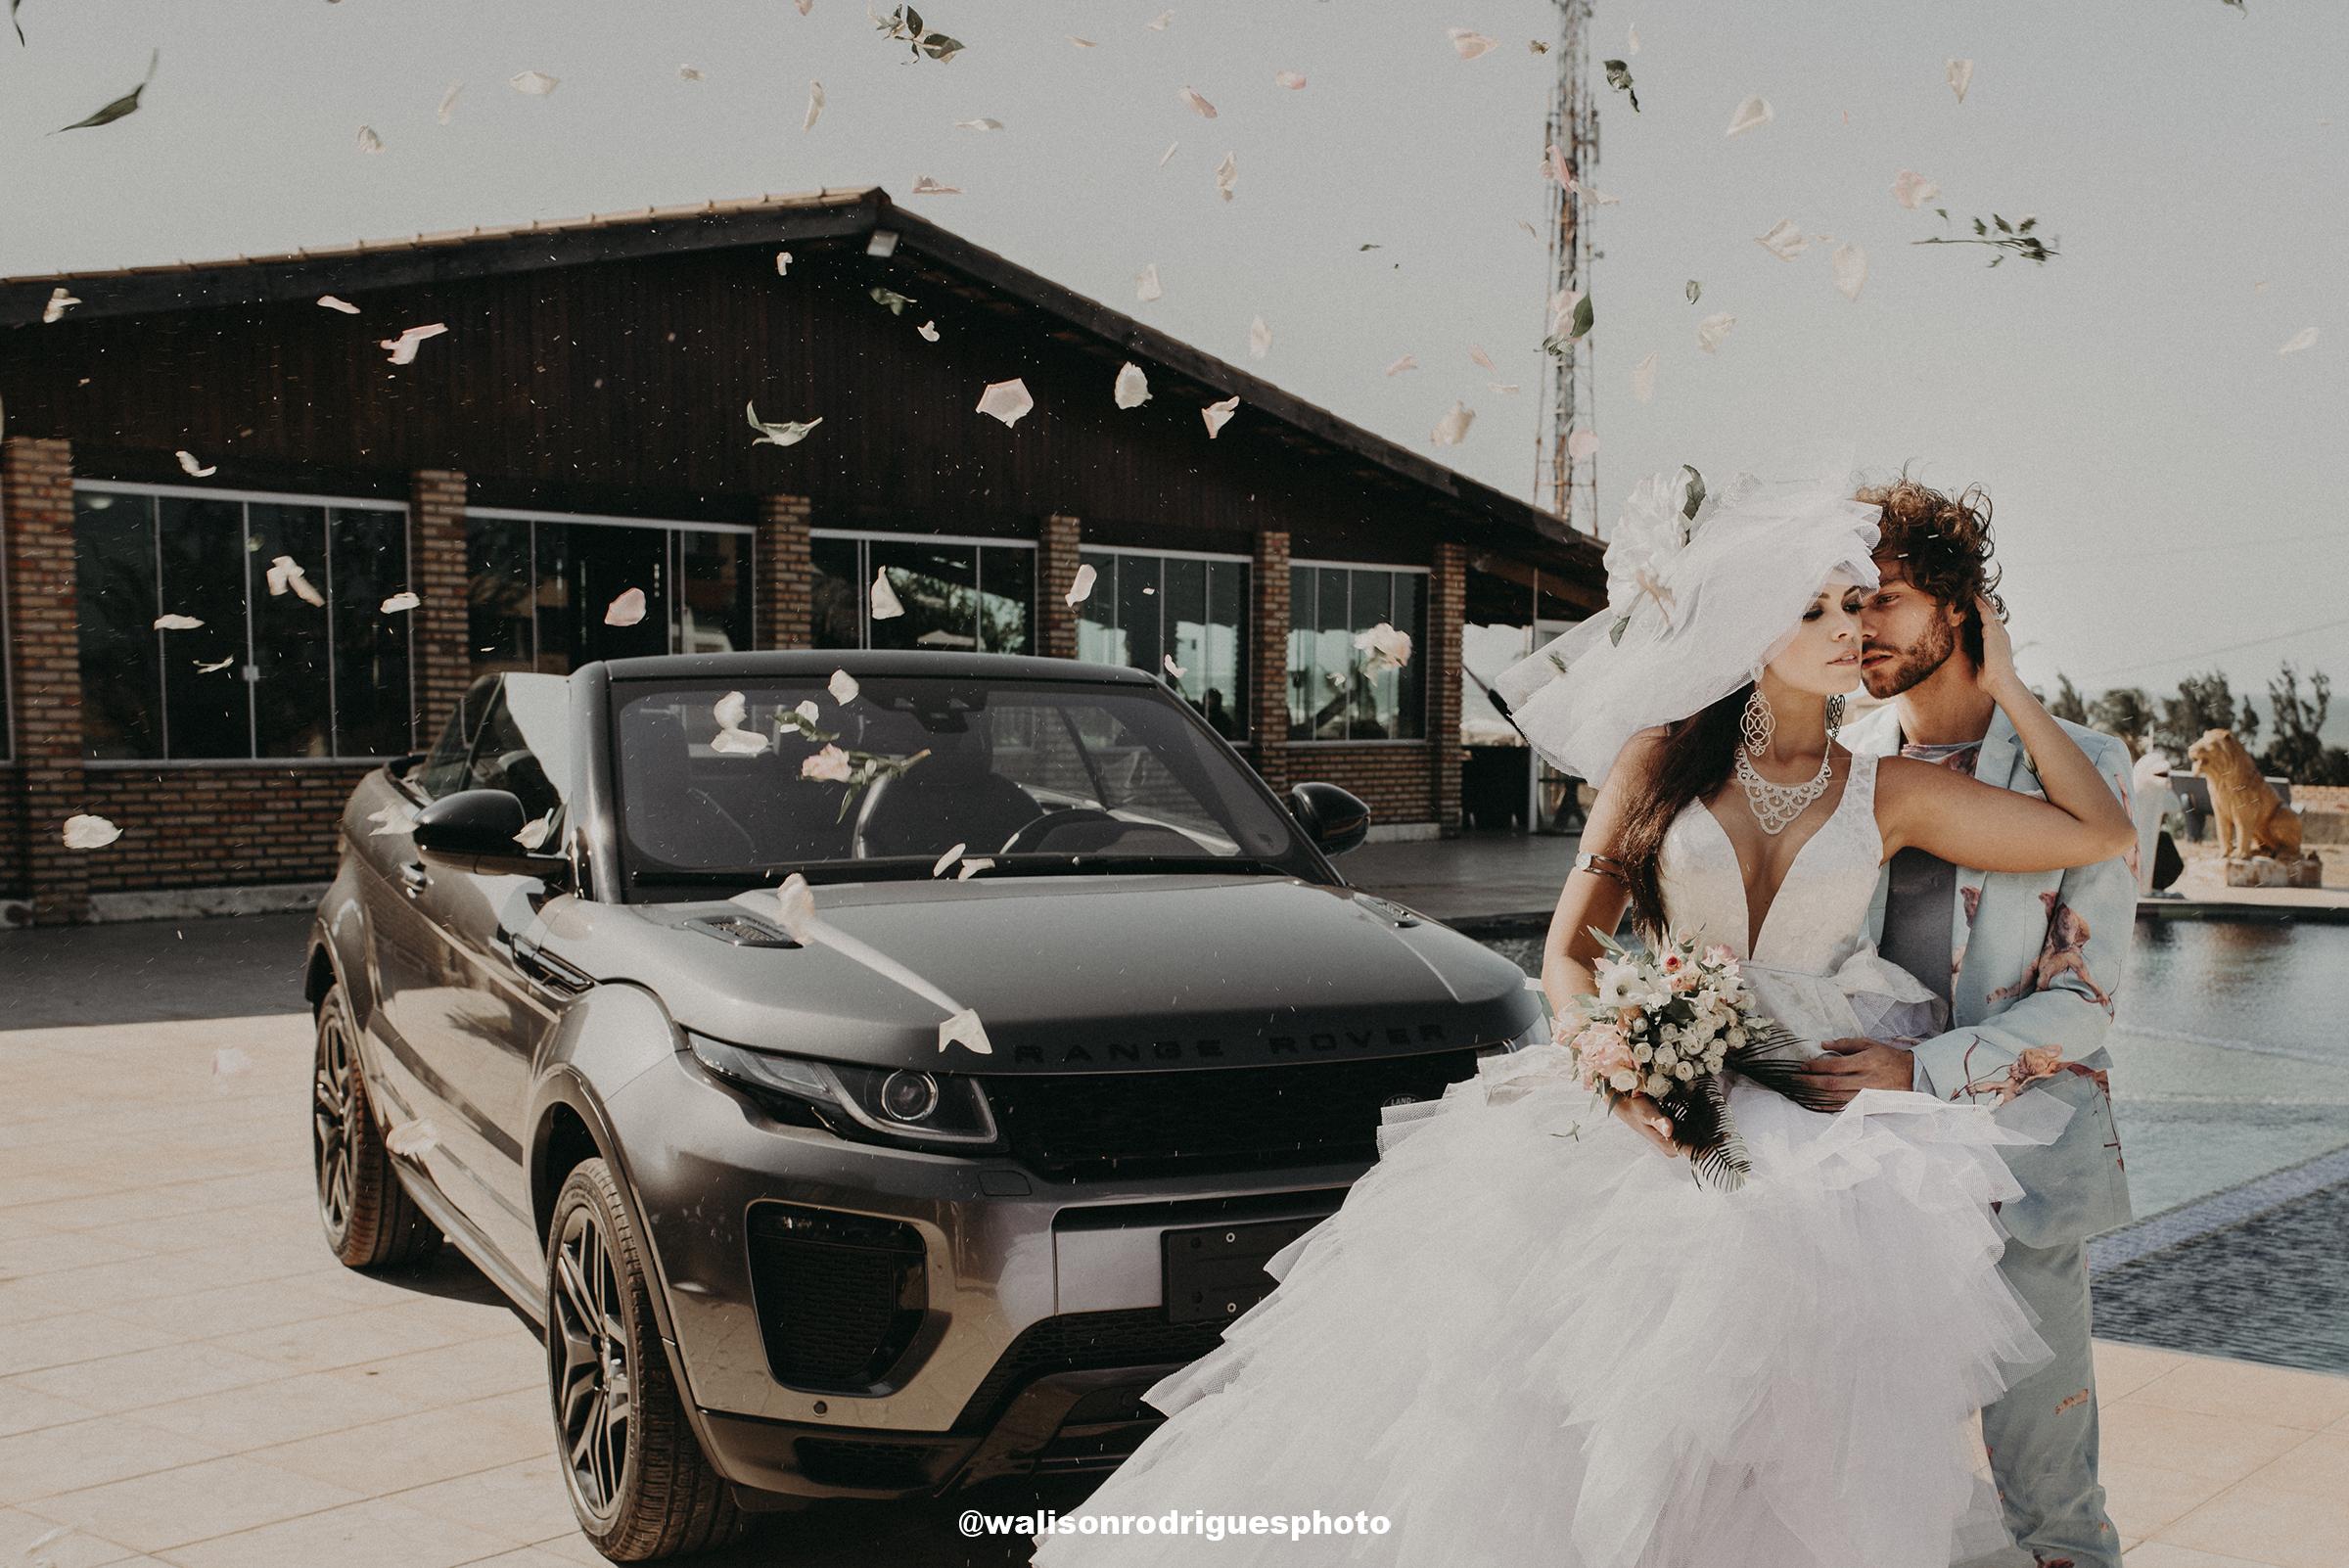 Contate Walison Rodrigues - Fotógrafo de Casamento, Ensaios e Eventos em Fortaleza - CE